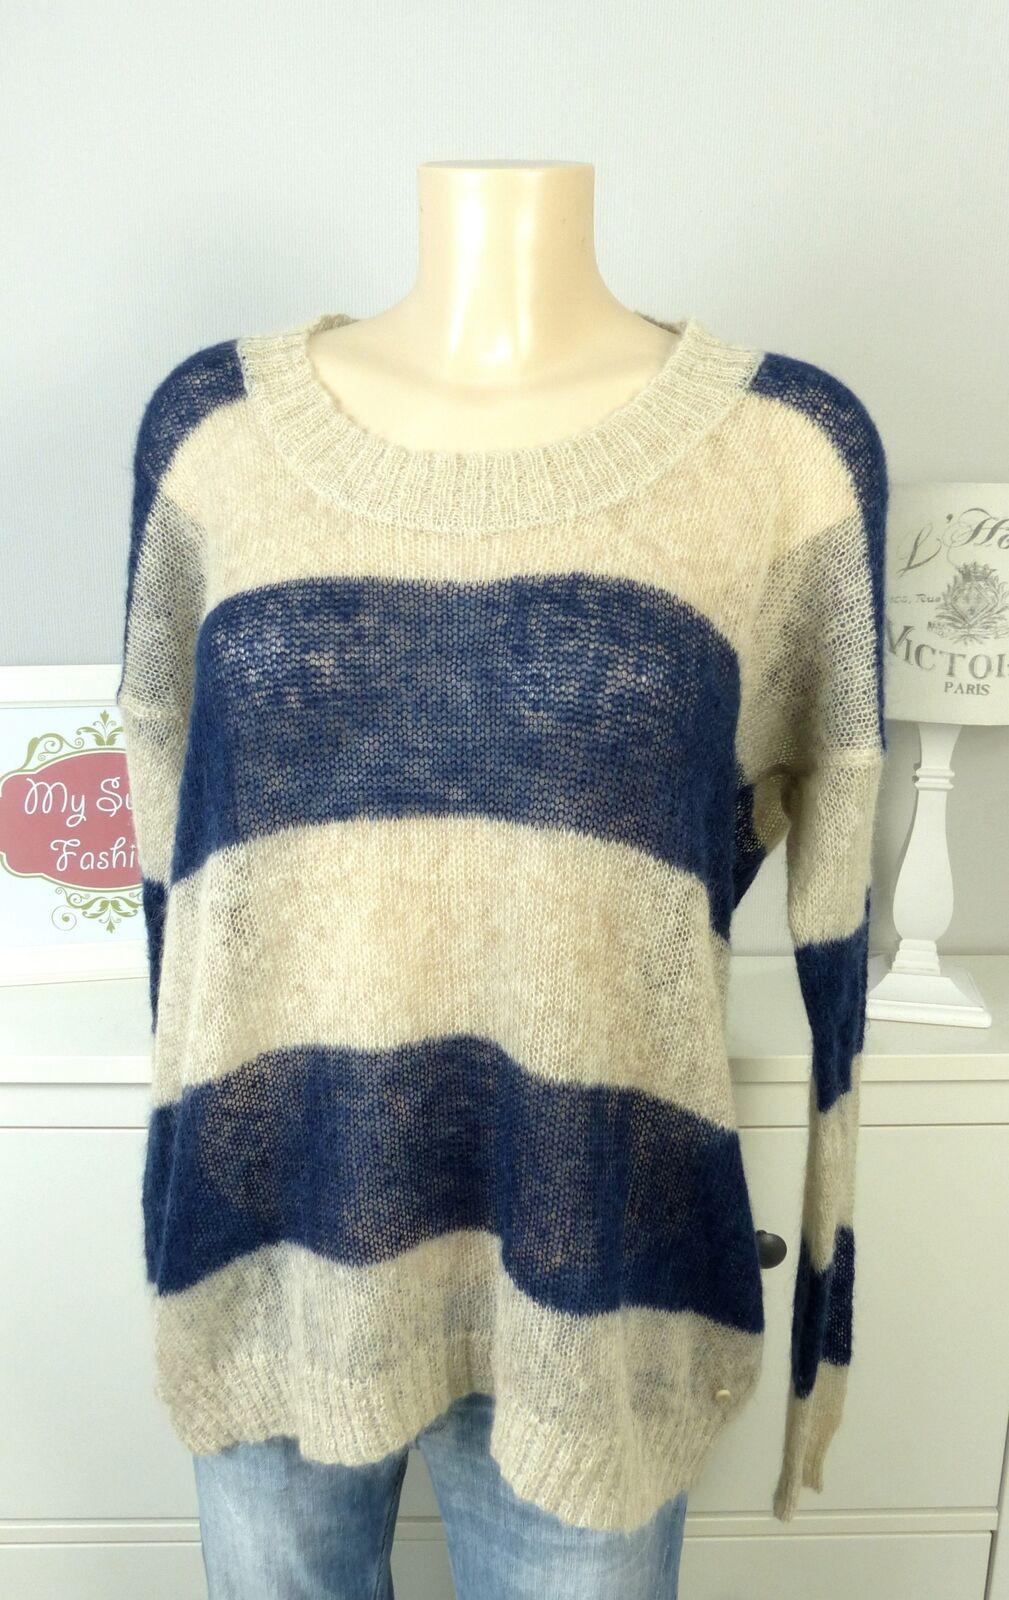 Marc O 'Polo Pullover a maglia Knit Top Sweater Blu Beige Taglia XL 42 (dg41)